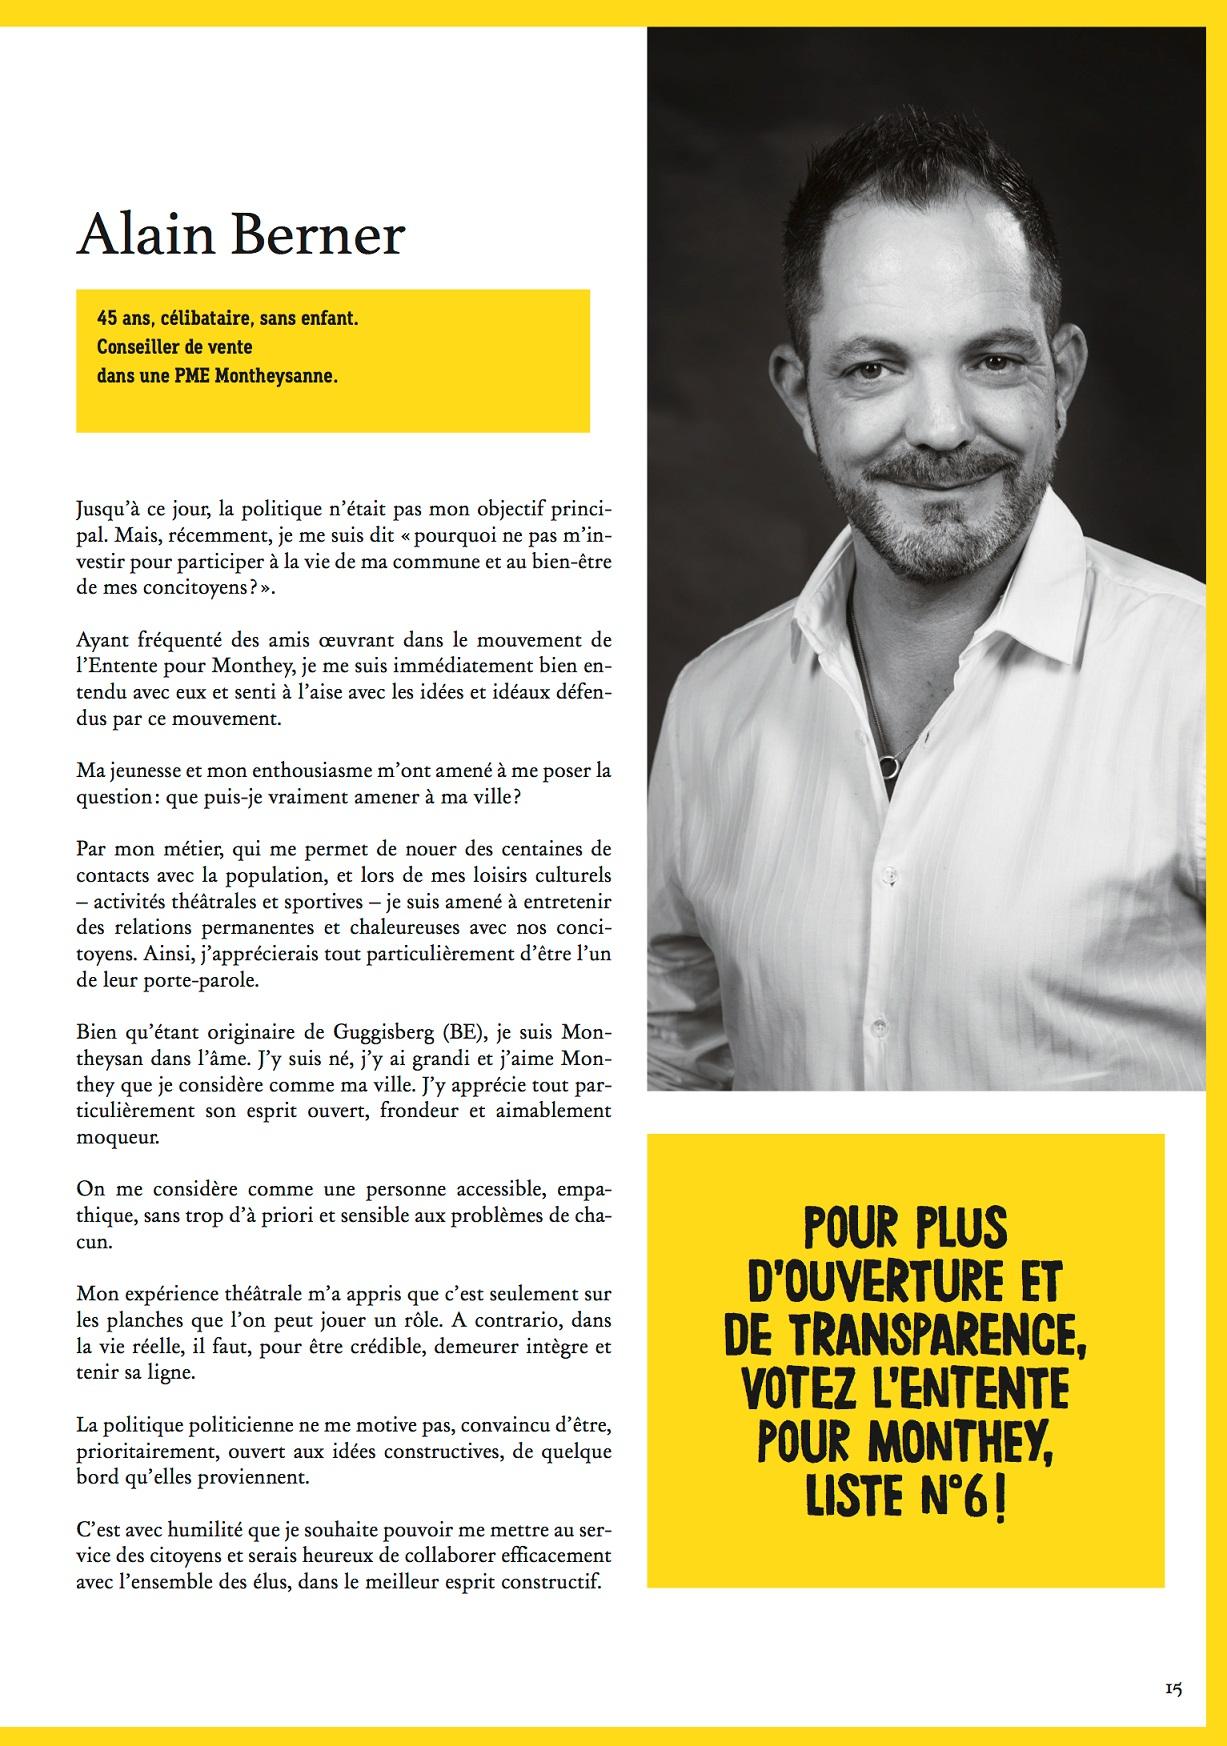 Alain Berner